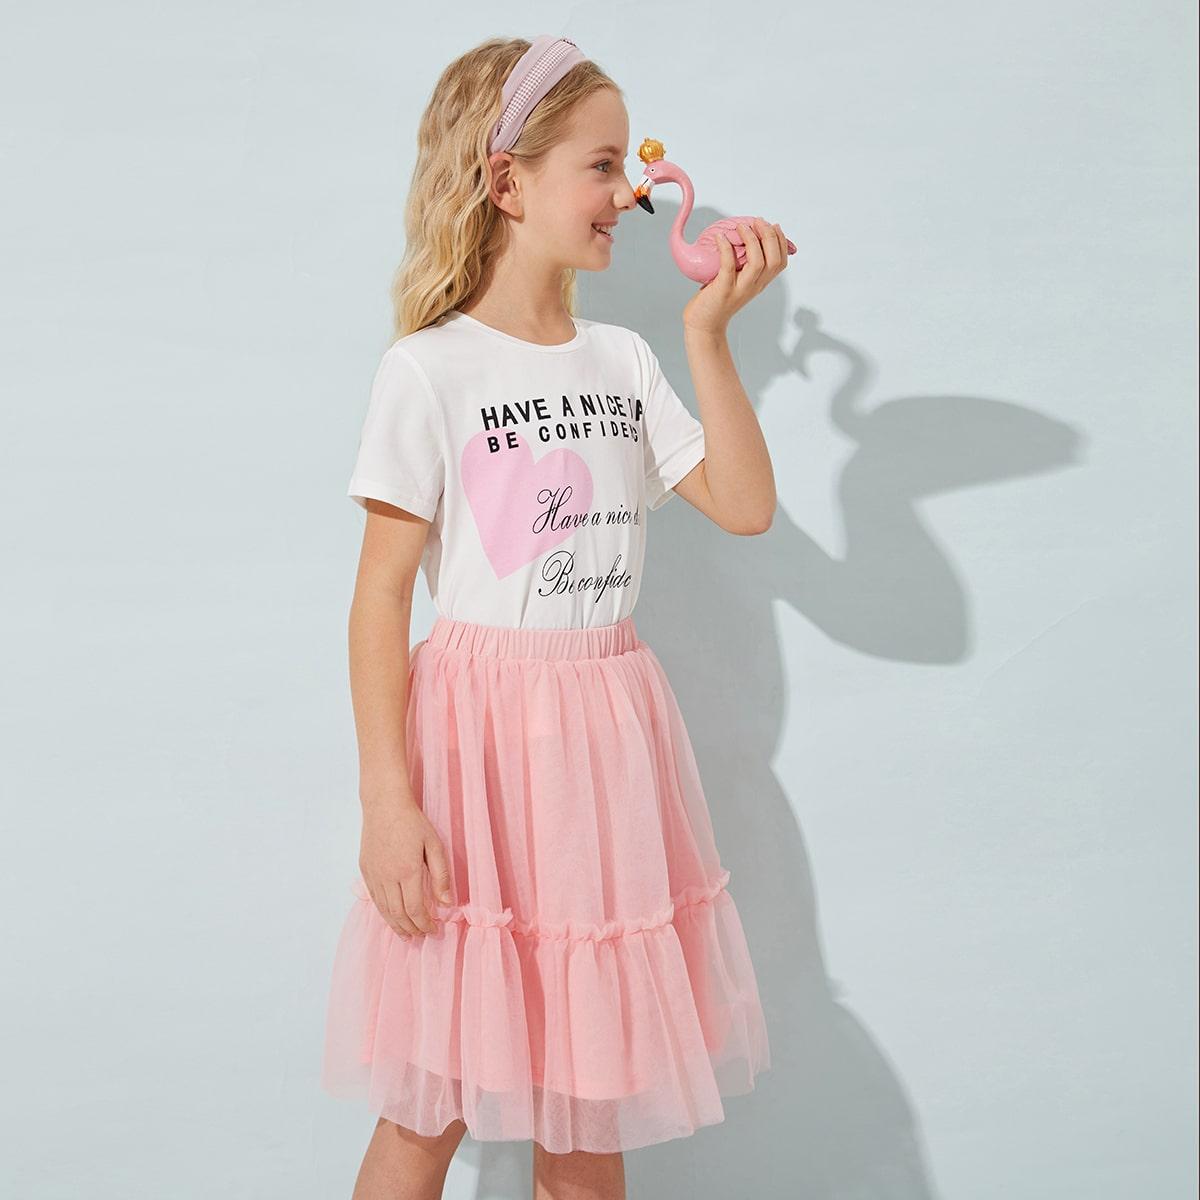 Сетчатая юбка и футболка с текстовым принтом для девочек по цене 1 070